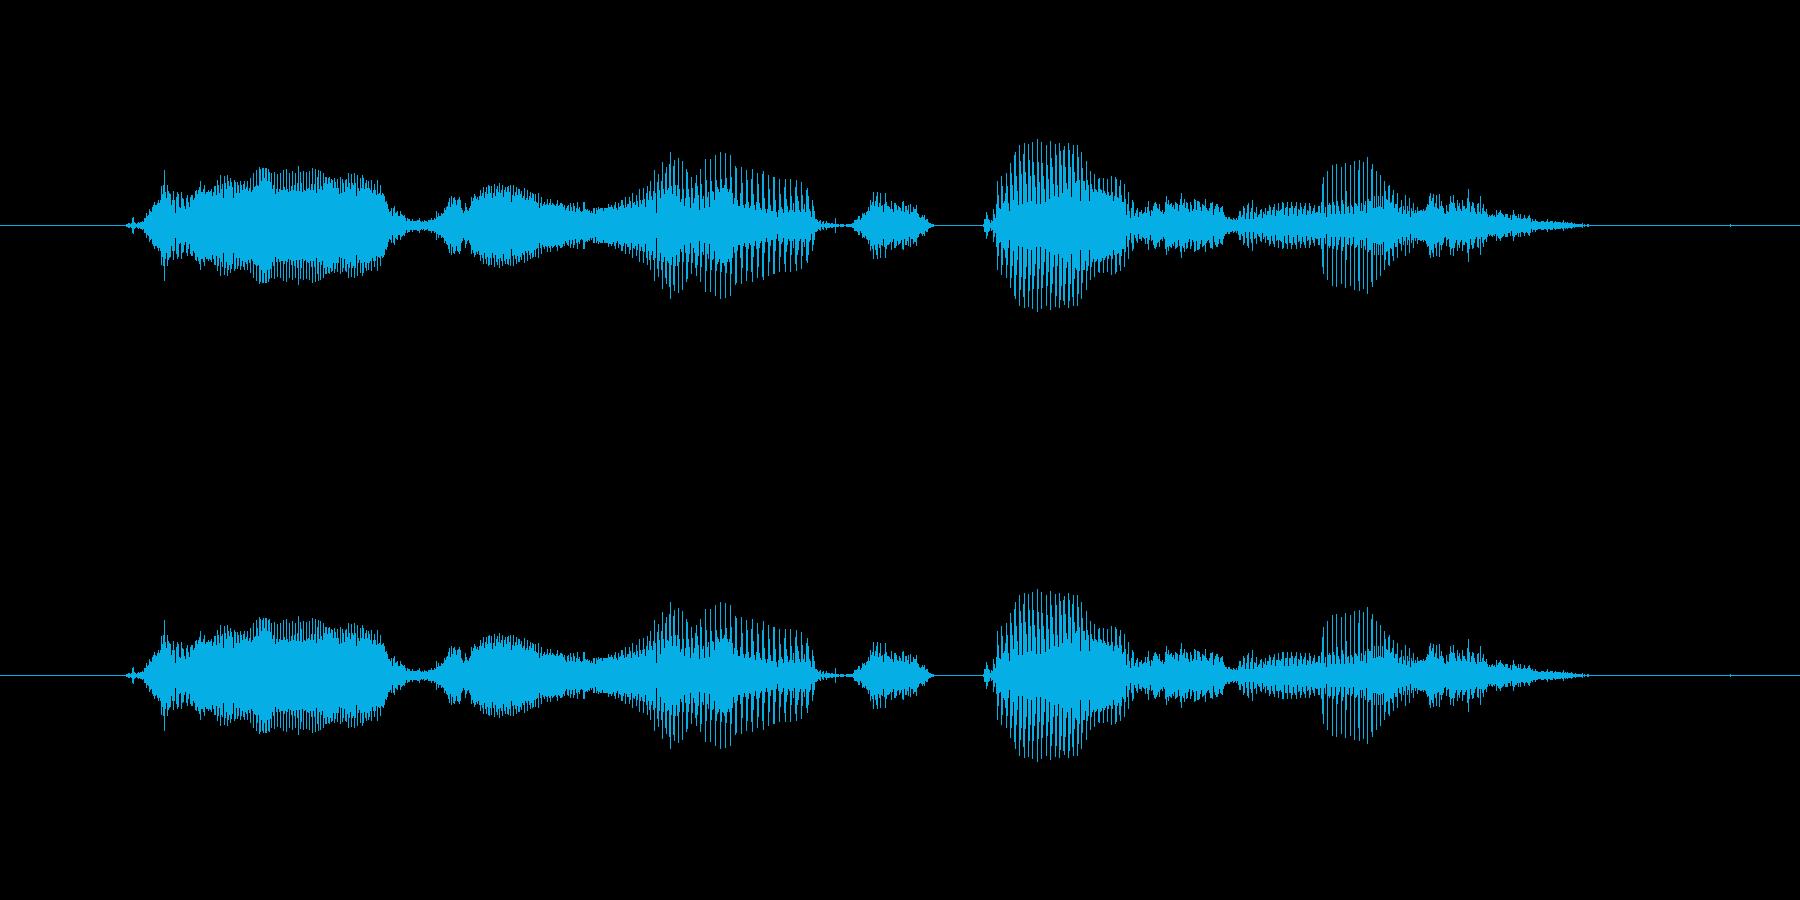 【時報・時間】11時をお伝えしますの再生済みの波形